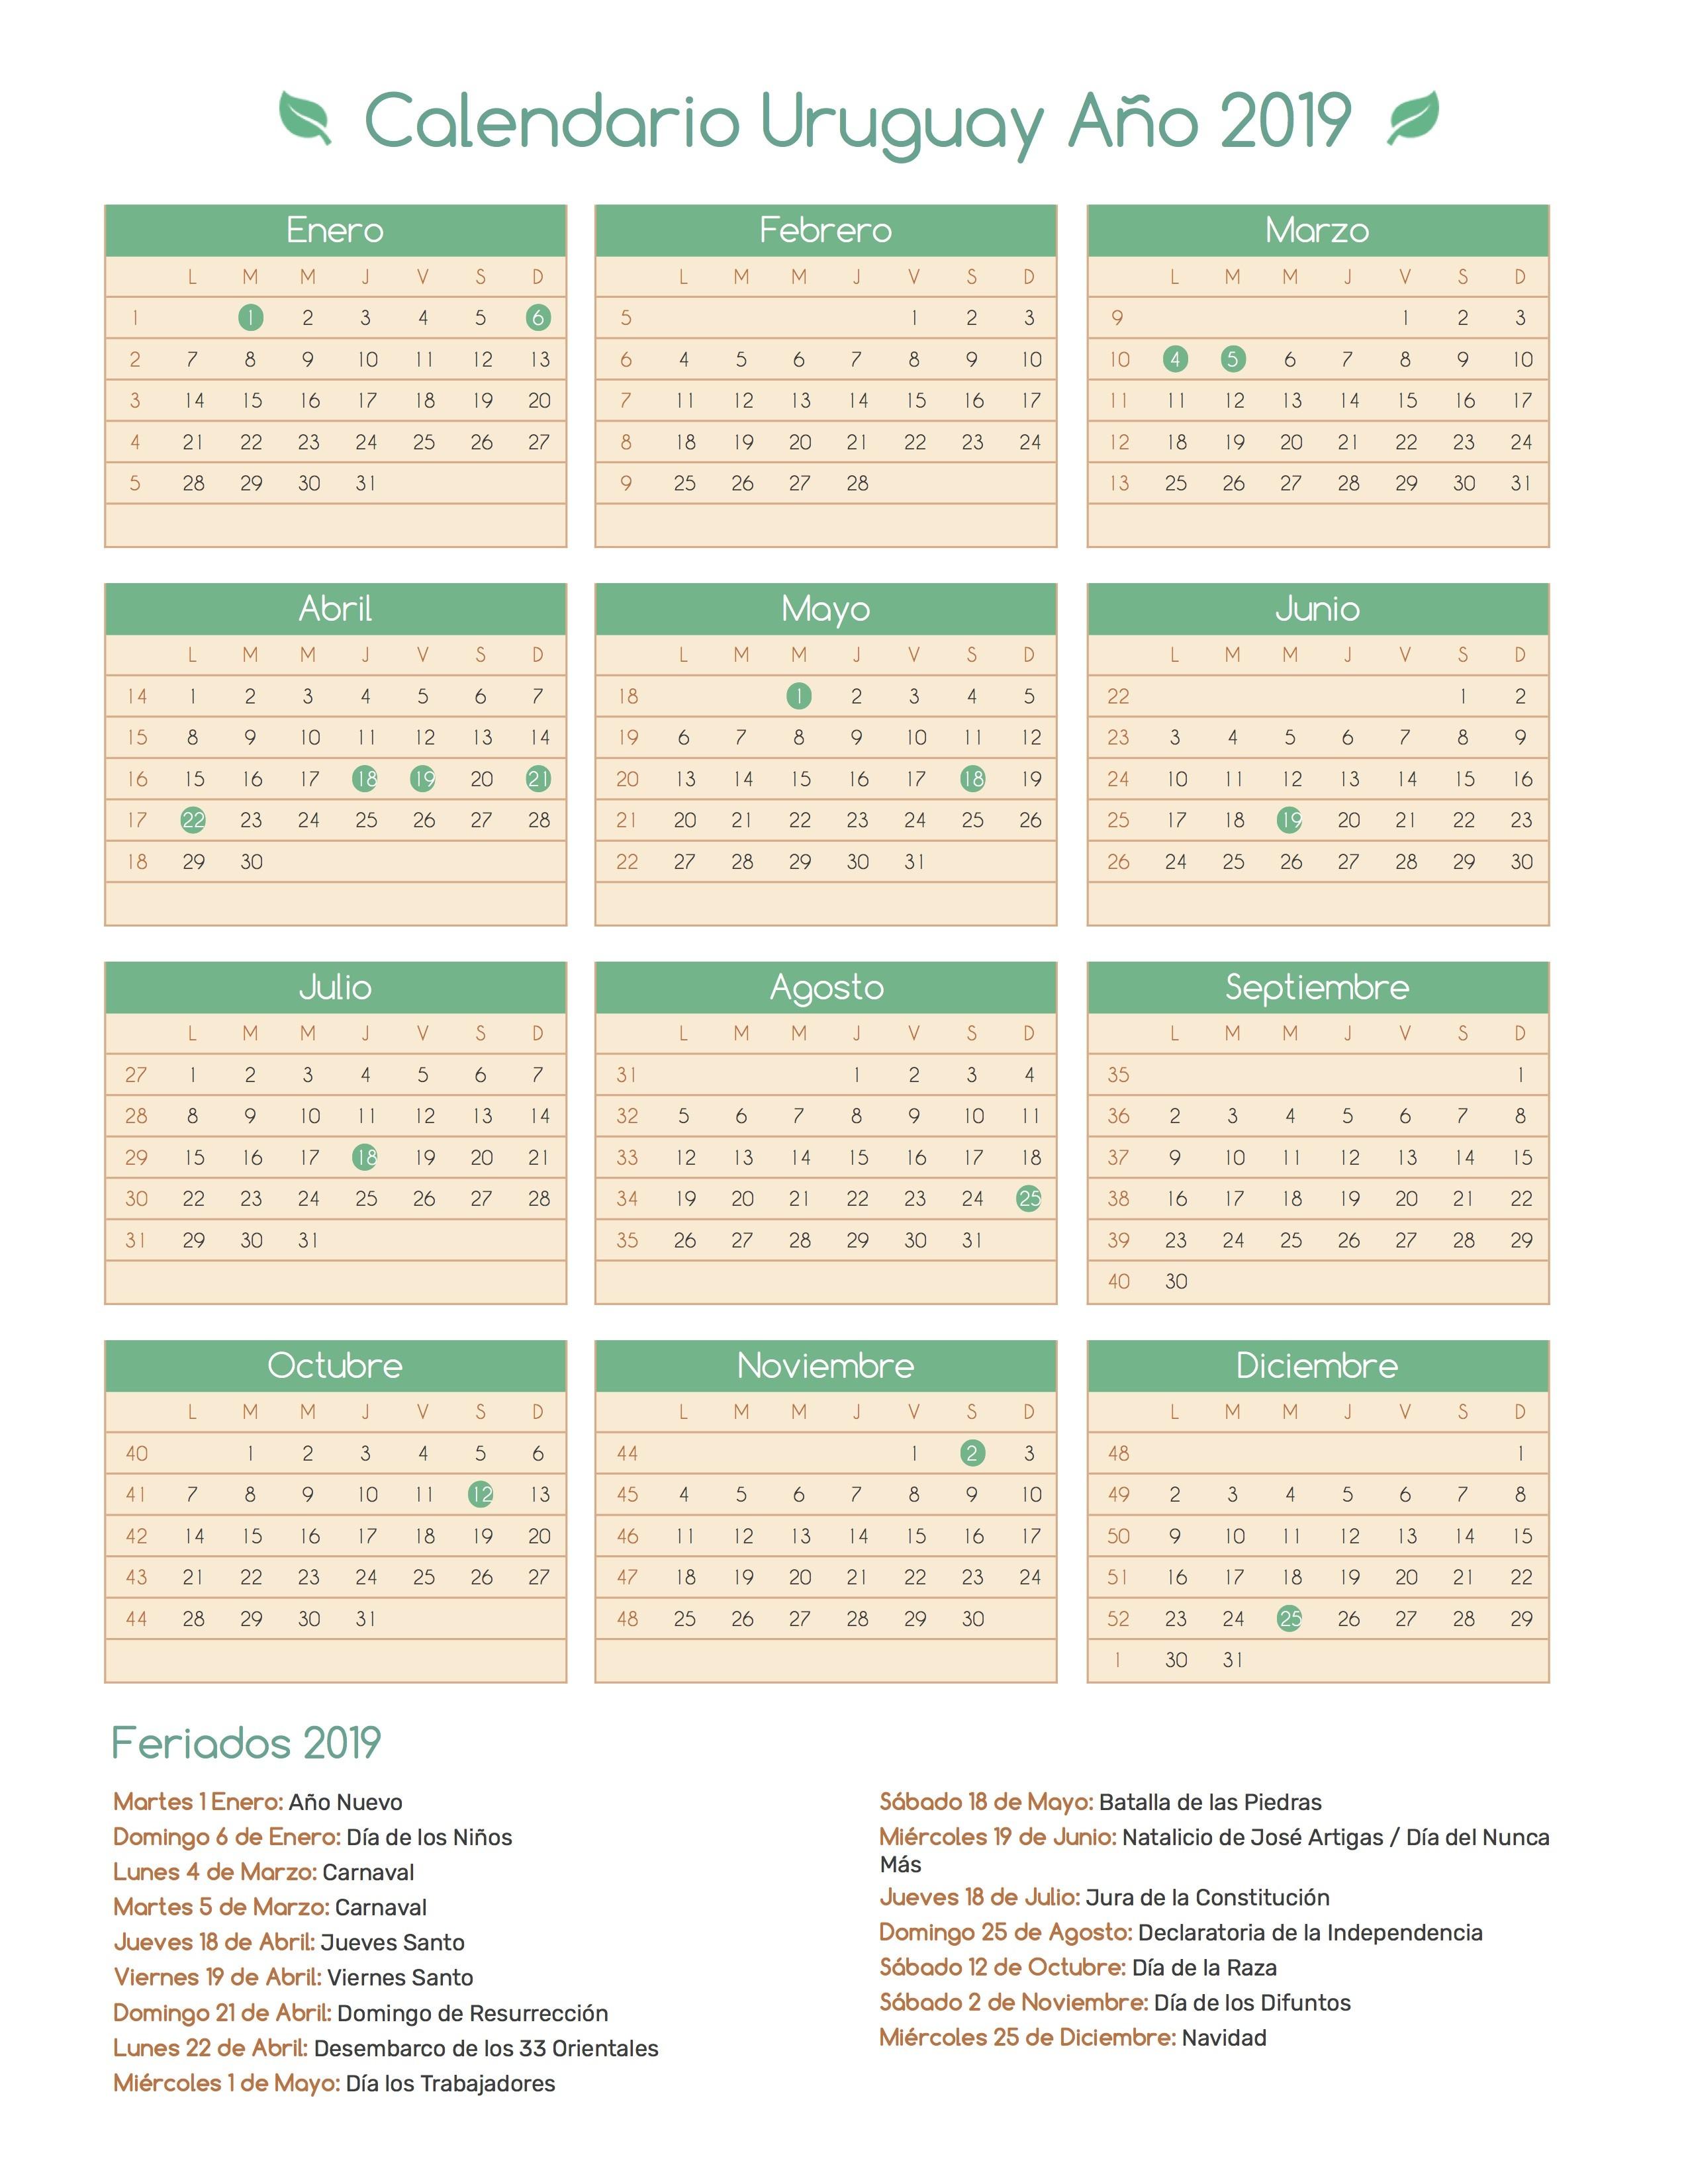 Calendario Laboral Escolar 2019 Más Recientes Calendario Uruguay A±o 2019 Of Calendario Laboral Escolar 2019 Más Recientes ▷ 📆 Calendario Febrero 2019 Calendario 2019